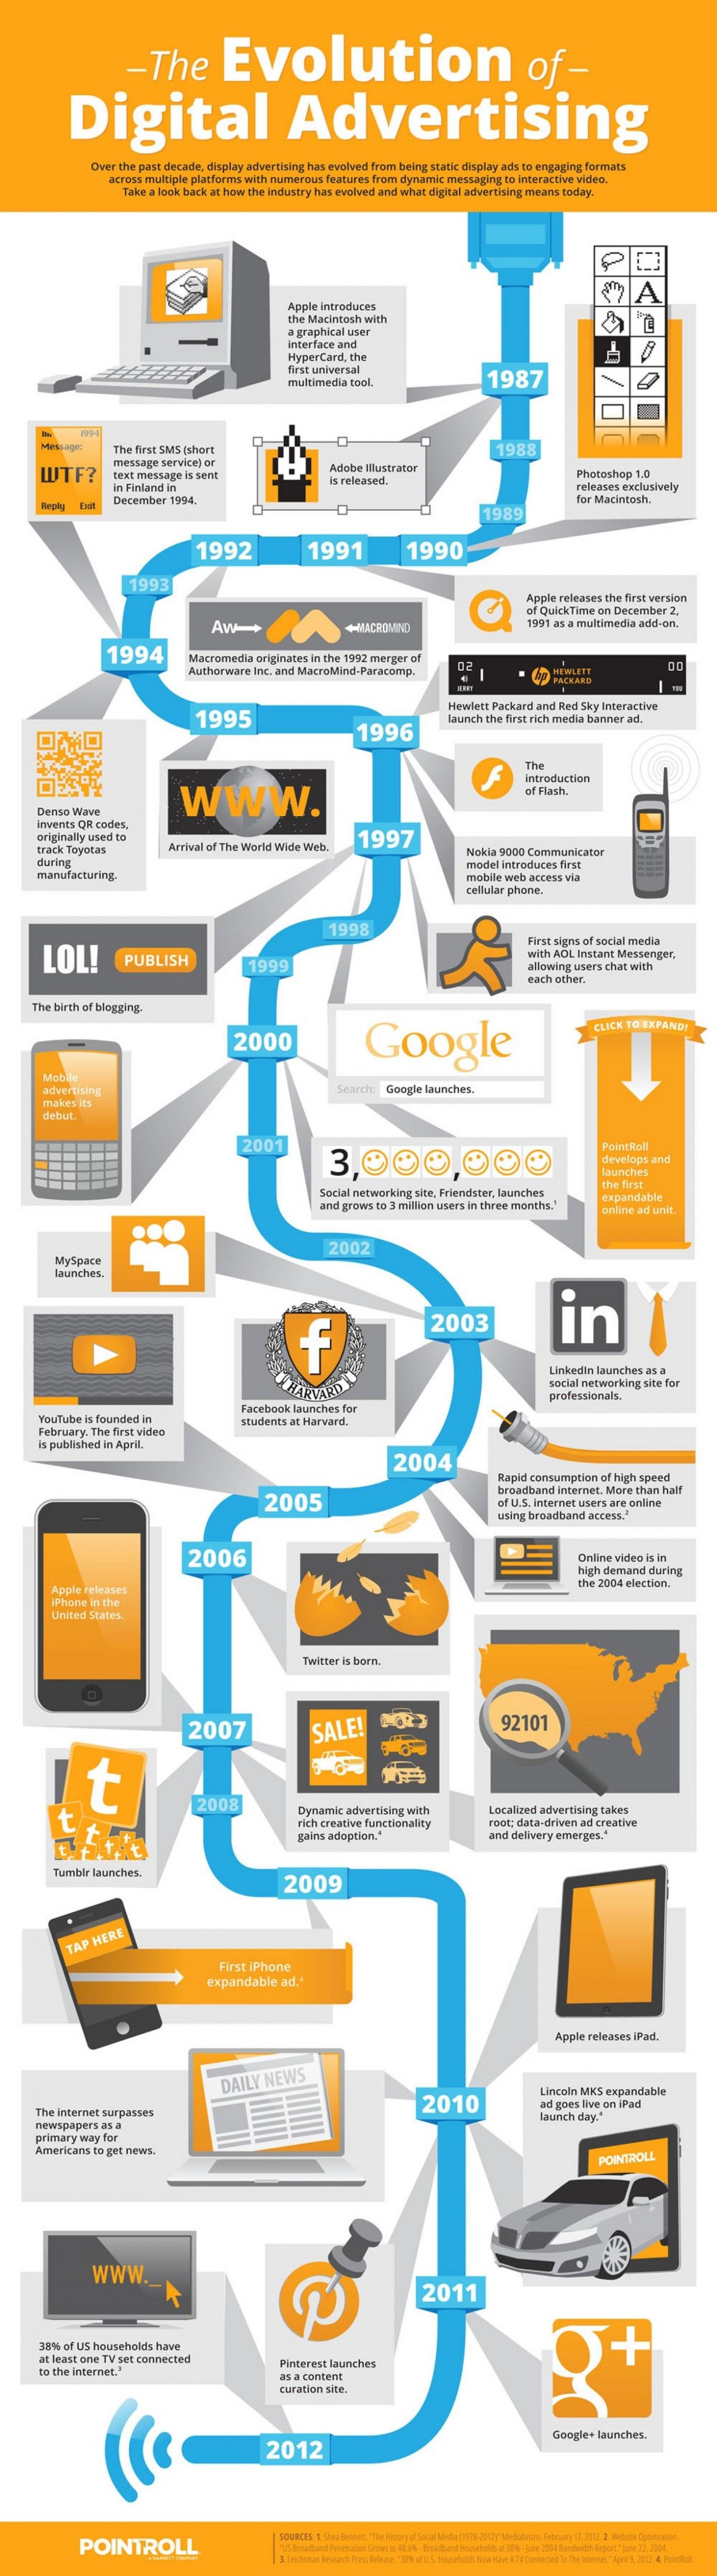 The evolution of digital advertising. Historia de la publicidad en internet